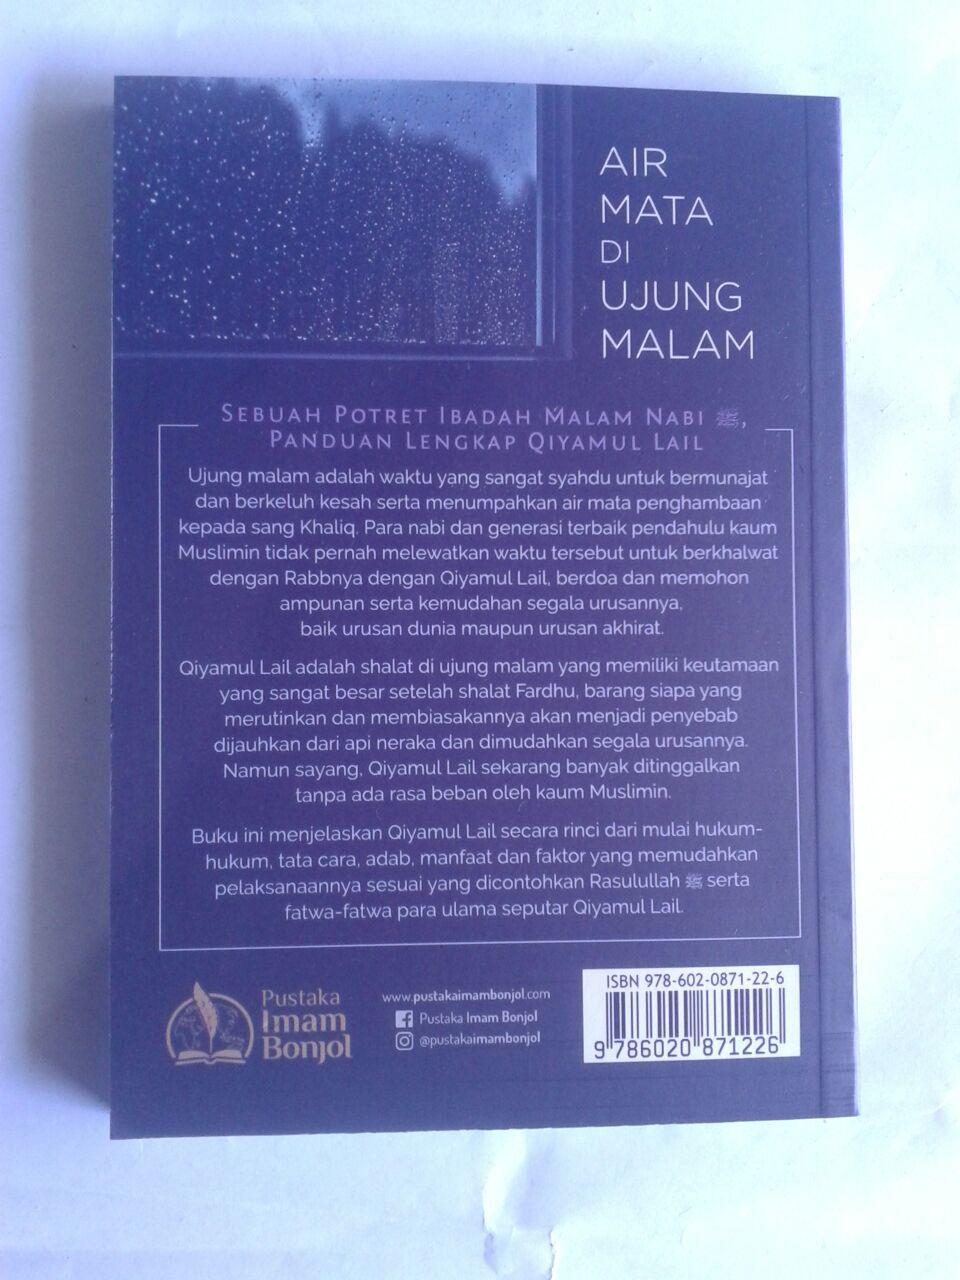 Buku Air Mata Di Ujung Malam Potret Ibadah Nabi Dan Para Salaf cover